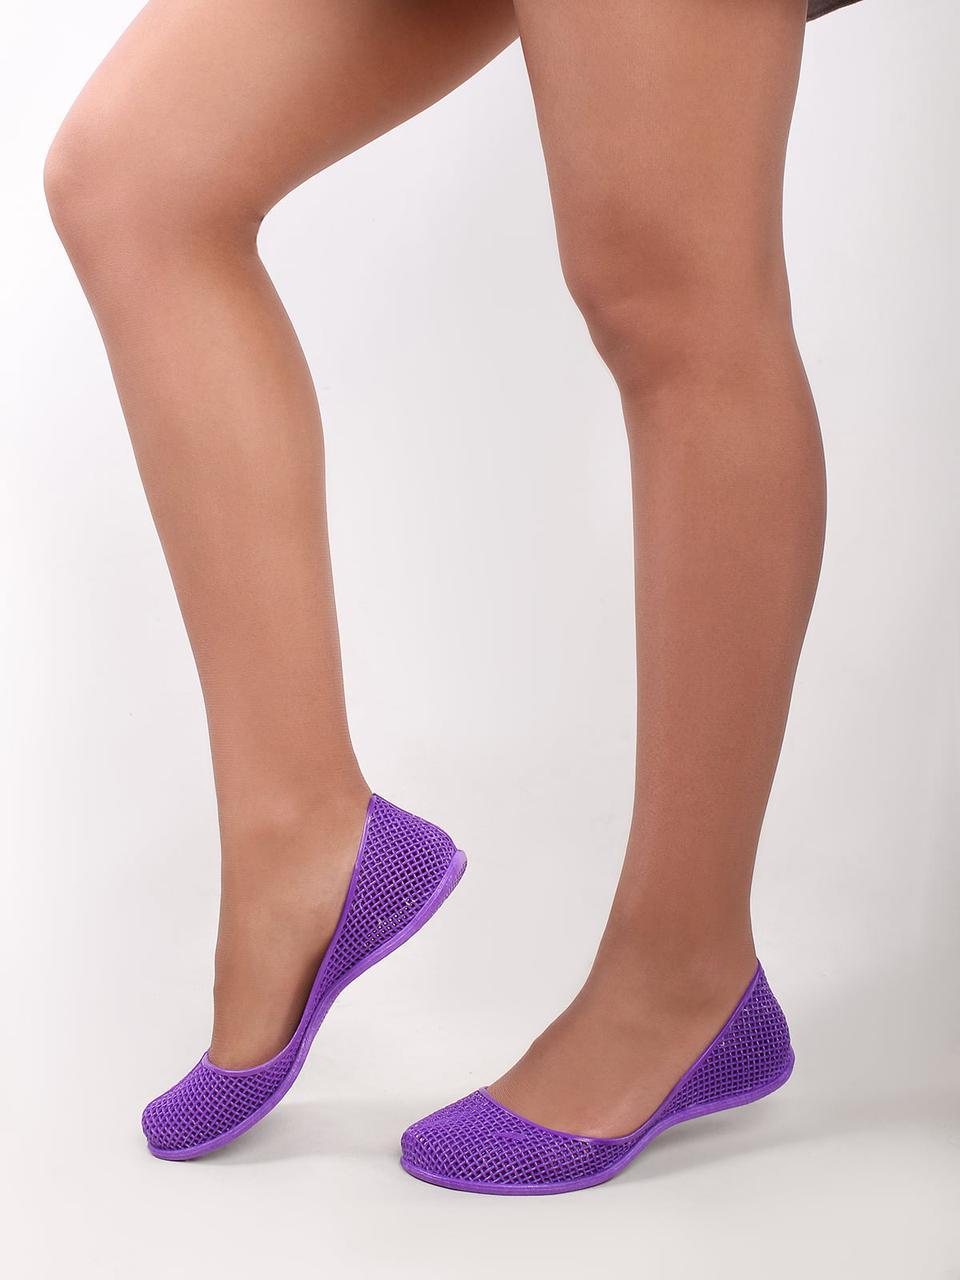 Жіночі Силіконові балетки мильниці In-Ox In-Ox Фіолетовий 40 Жіночий  (Finox40)